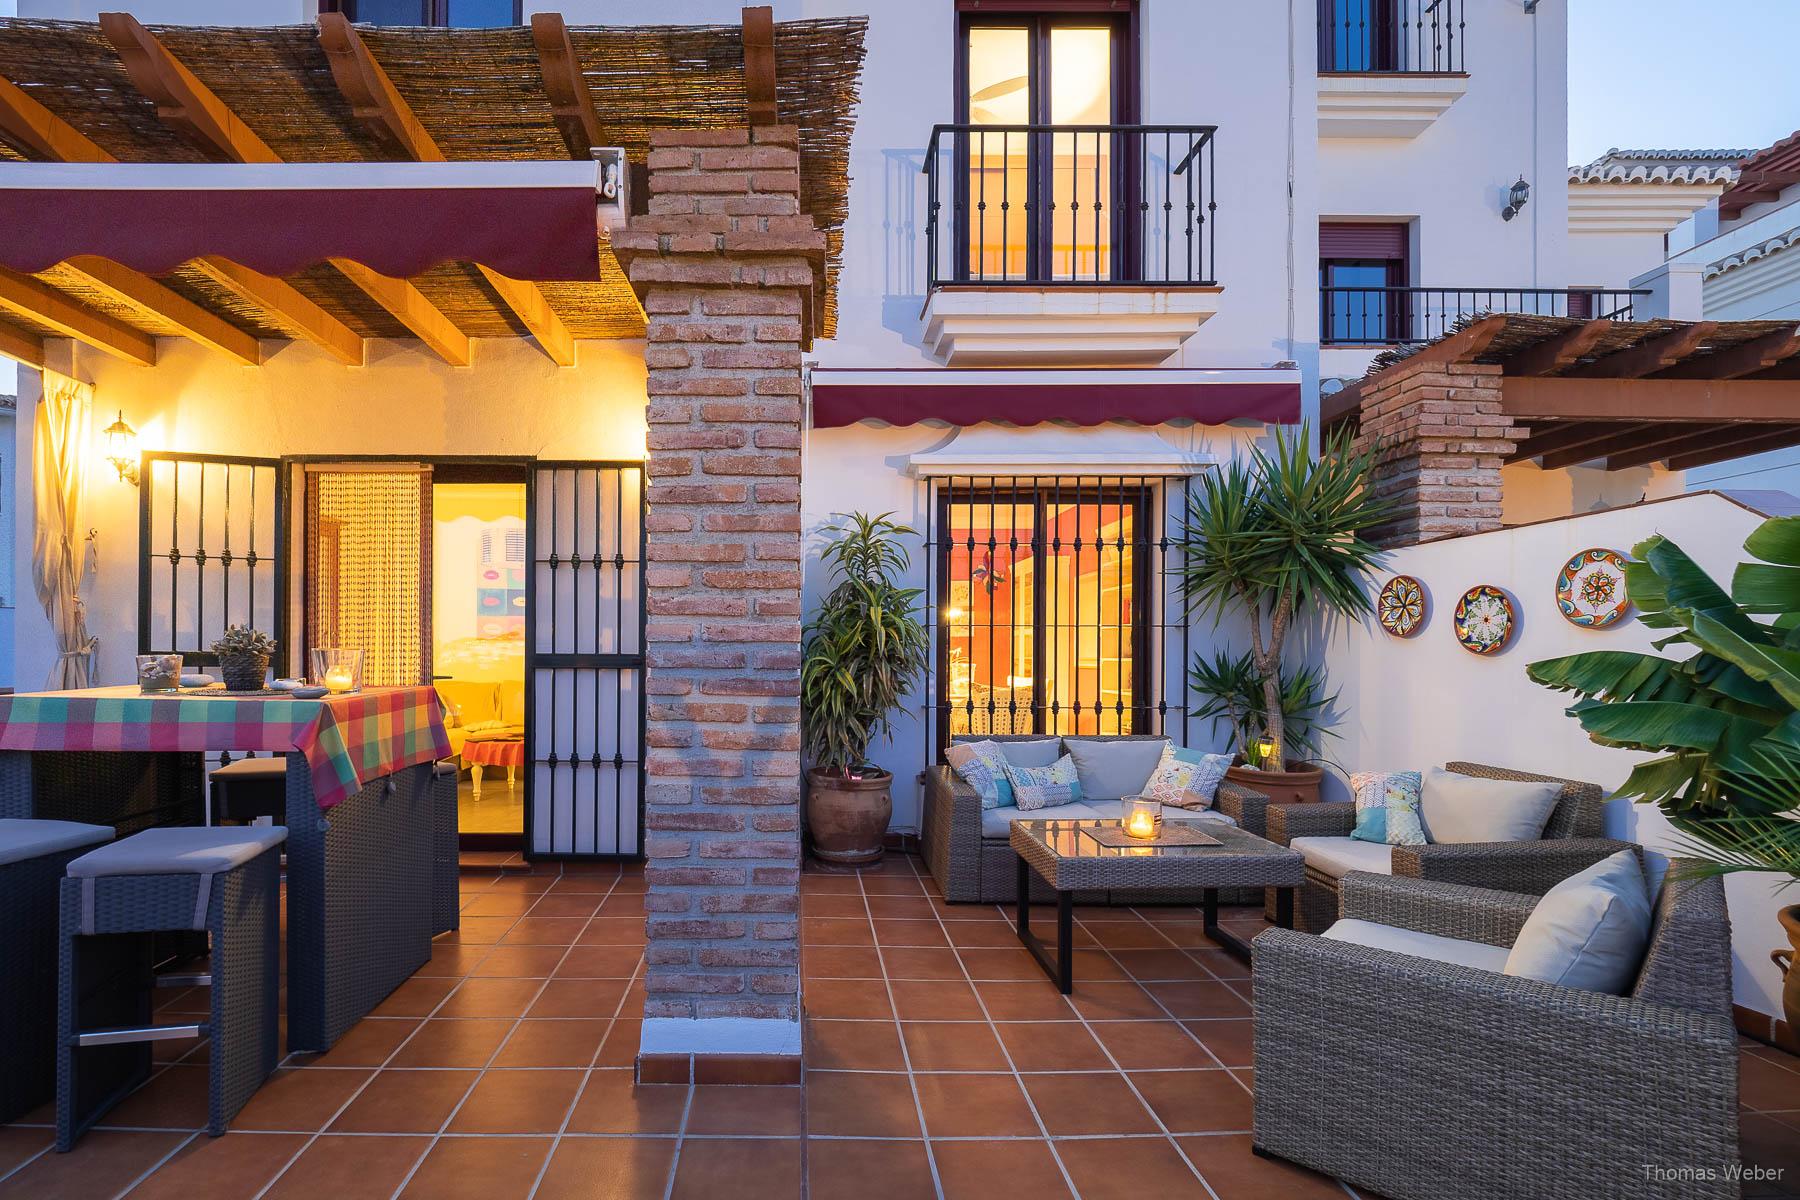 Fotos von Torrox bei Málaga (Spanien), Fotograf Thomas Weber aus Oldenburg